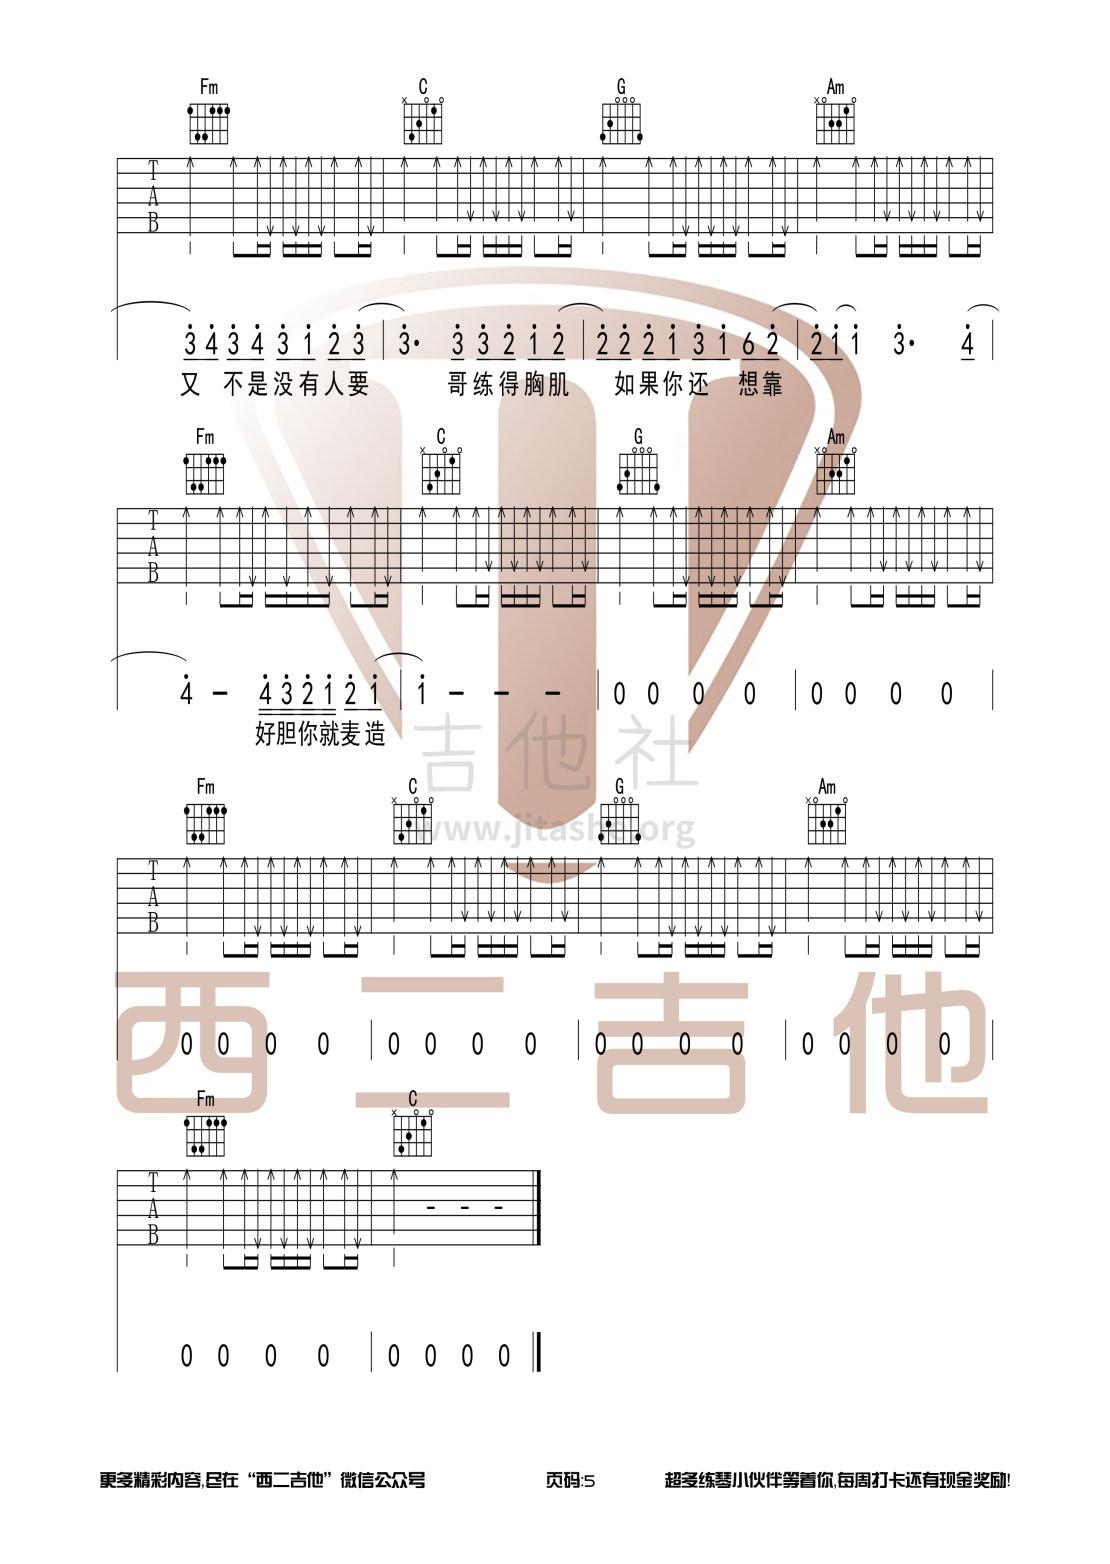 不爱我就拉倒吉他谱(图片谱,西二吉他,C调,教学)_周杰伦(Jay Chou)_不爱我就拉倒5.jpg